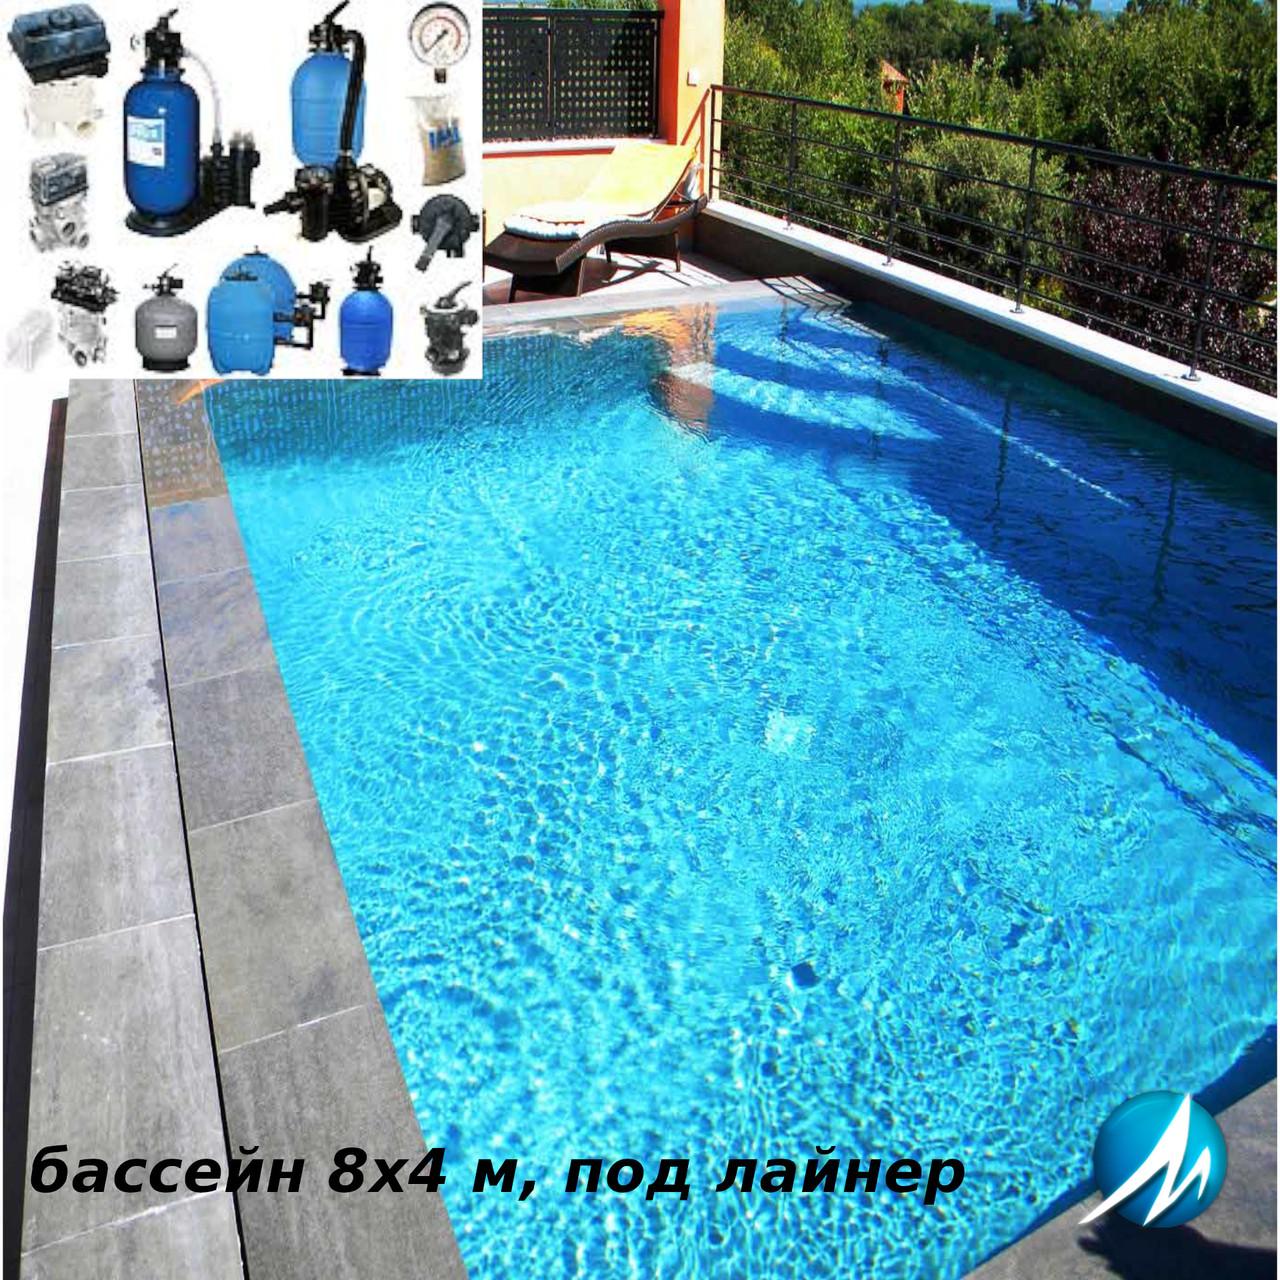 Комплект обладнання для бетонного басейну 8х4 м з обробкою лайнером